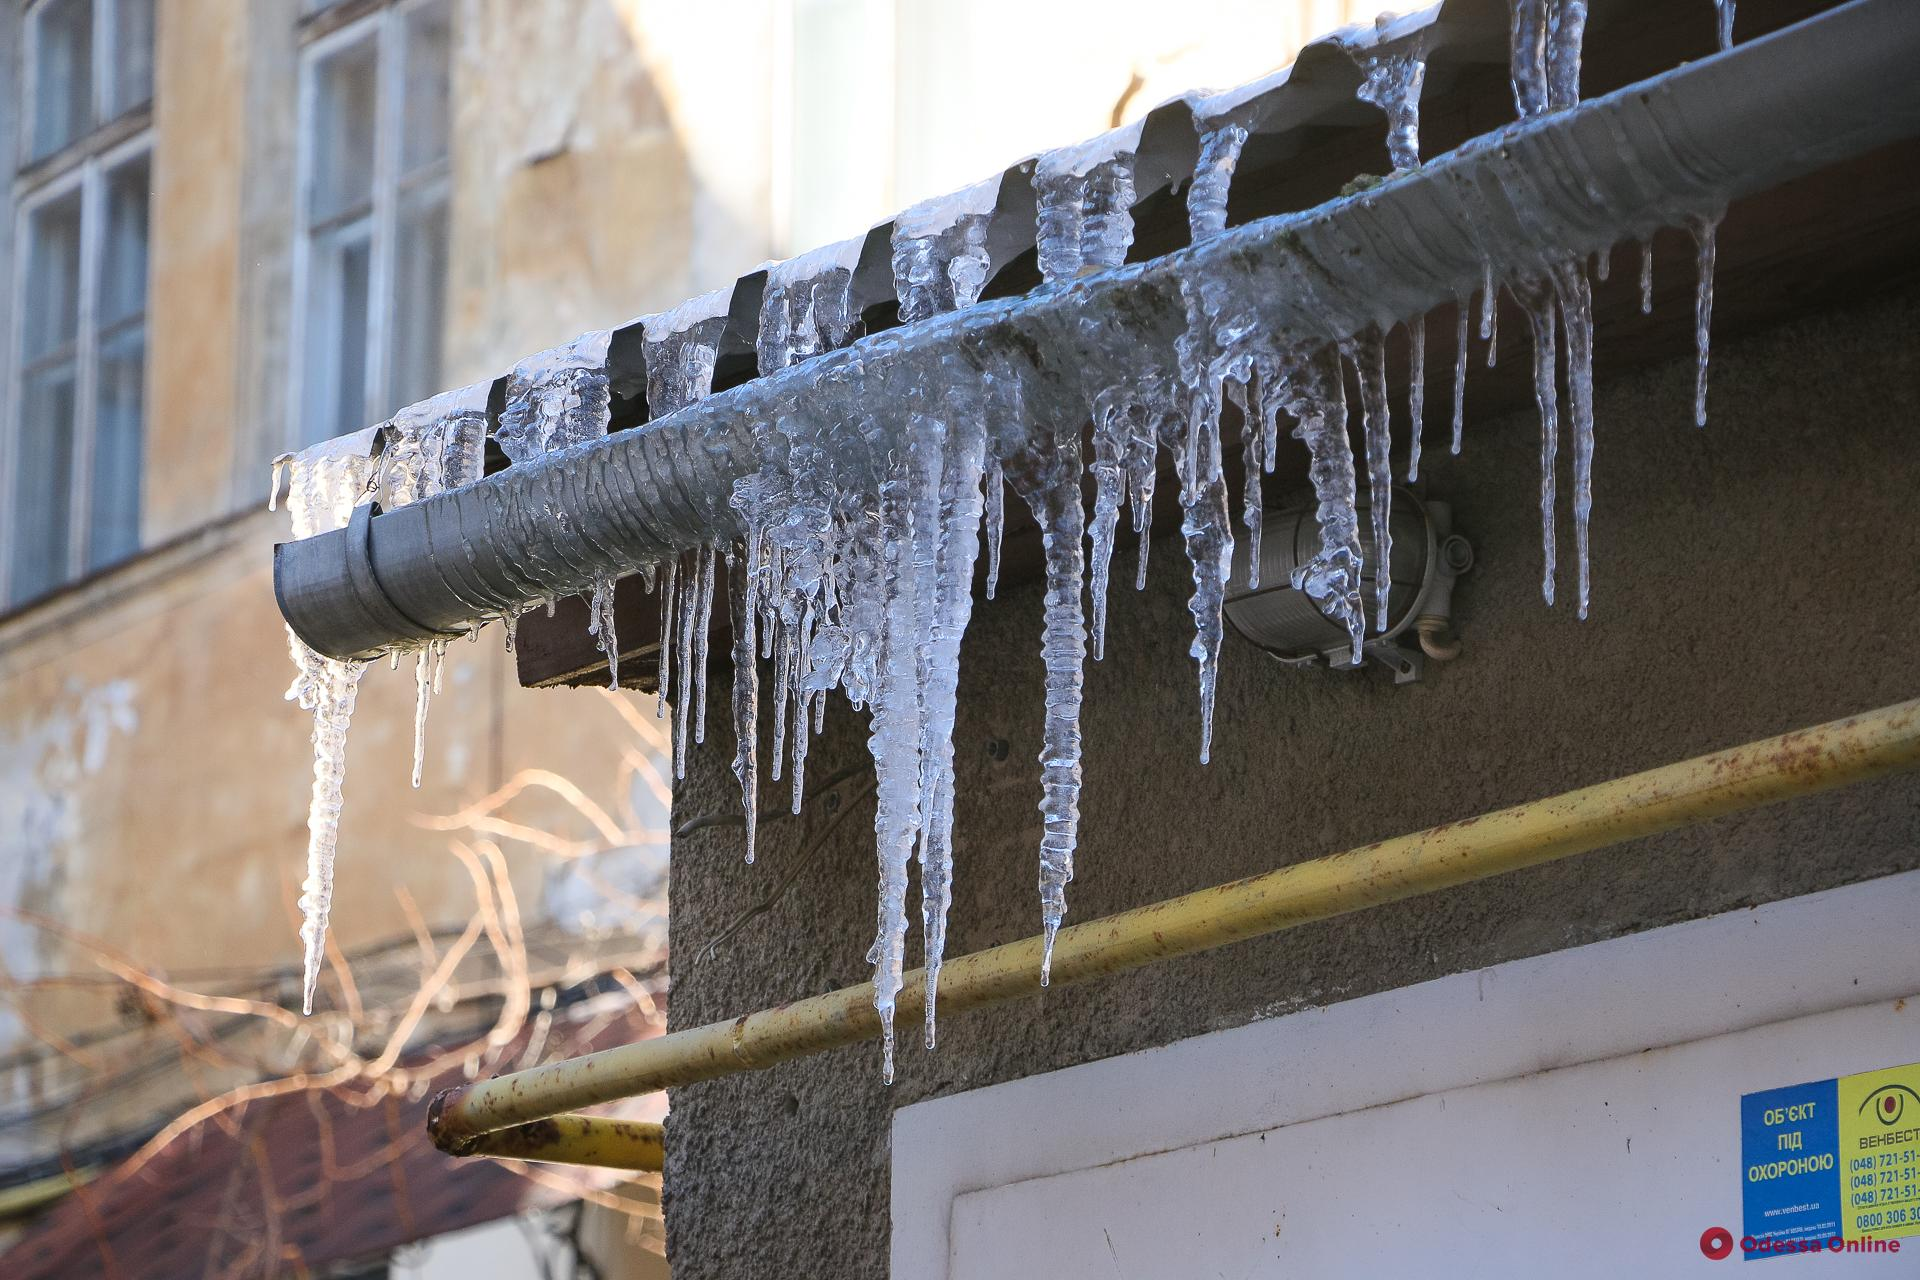 От 850 до 1700 гривен: одесских предпринимателей будут штрафовать за сосульки на крышах